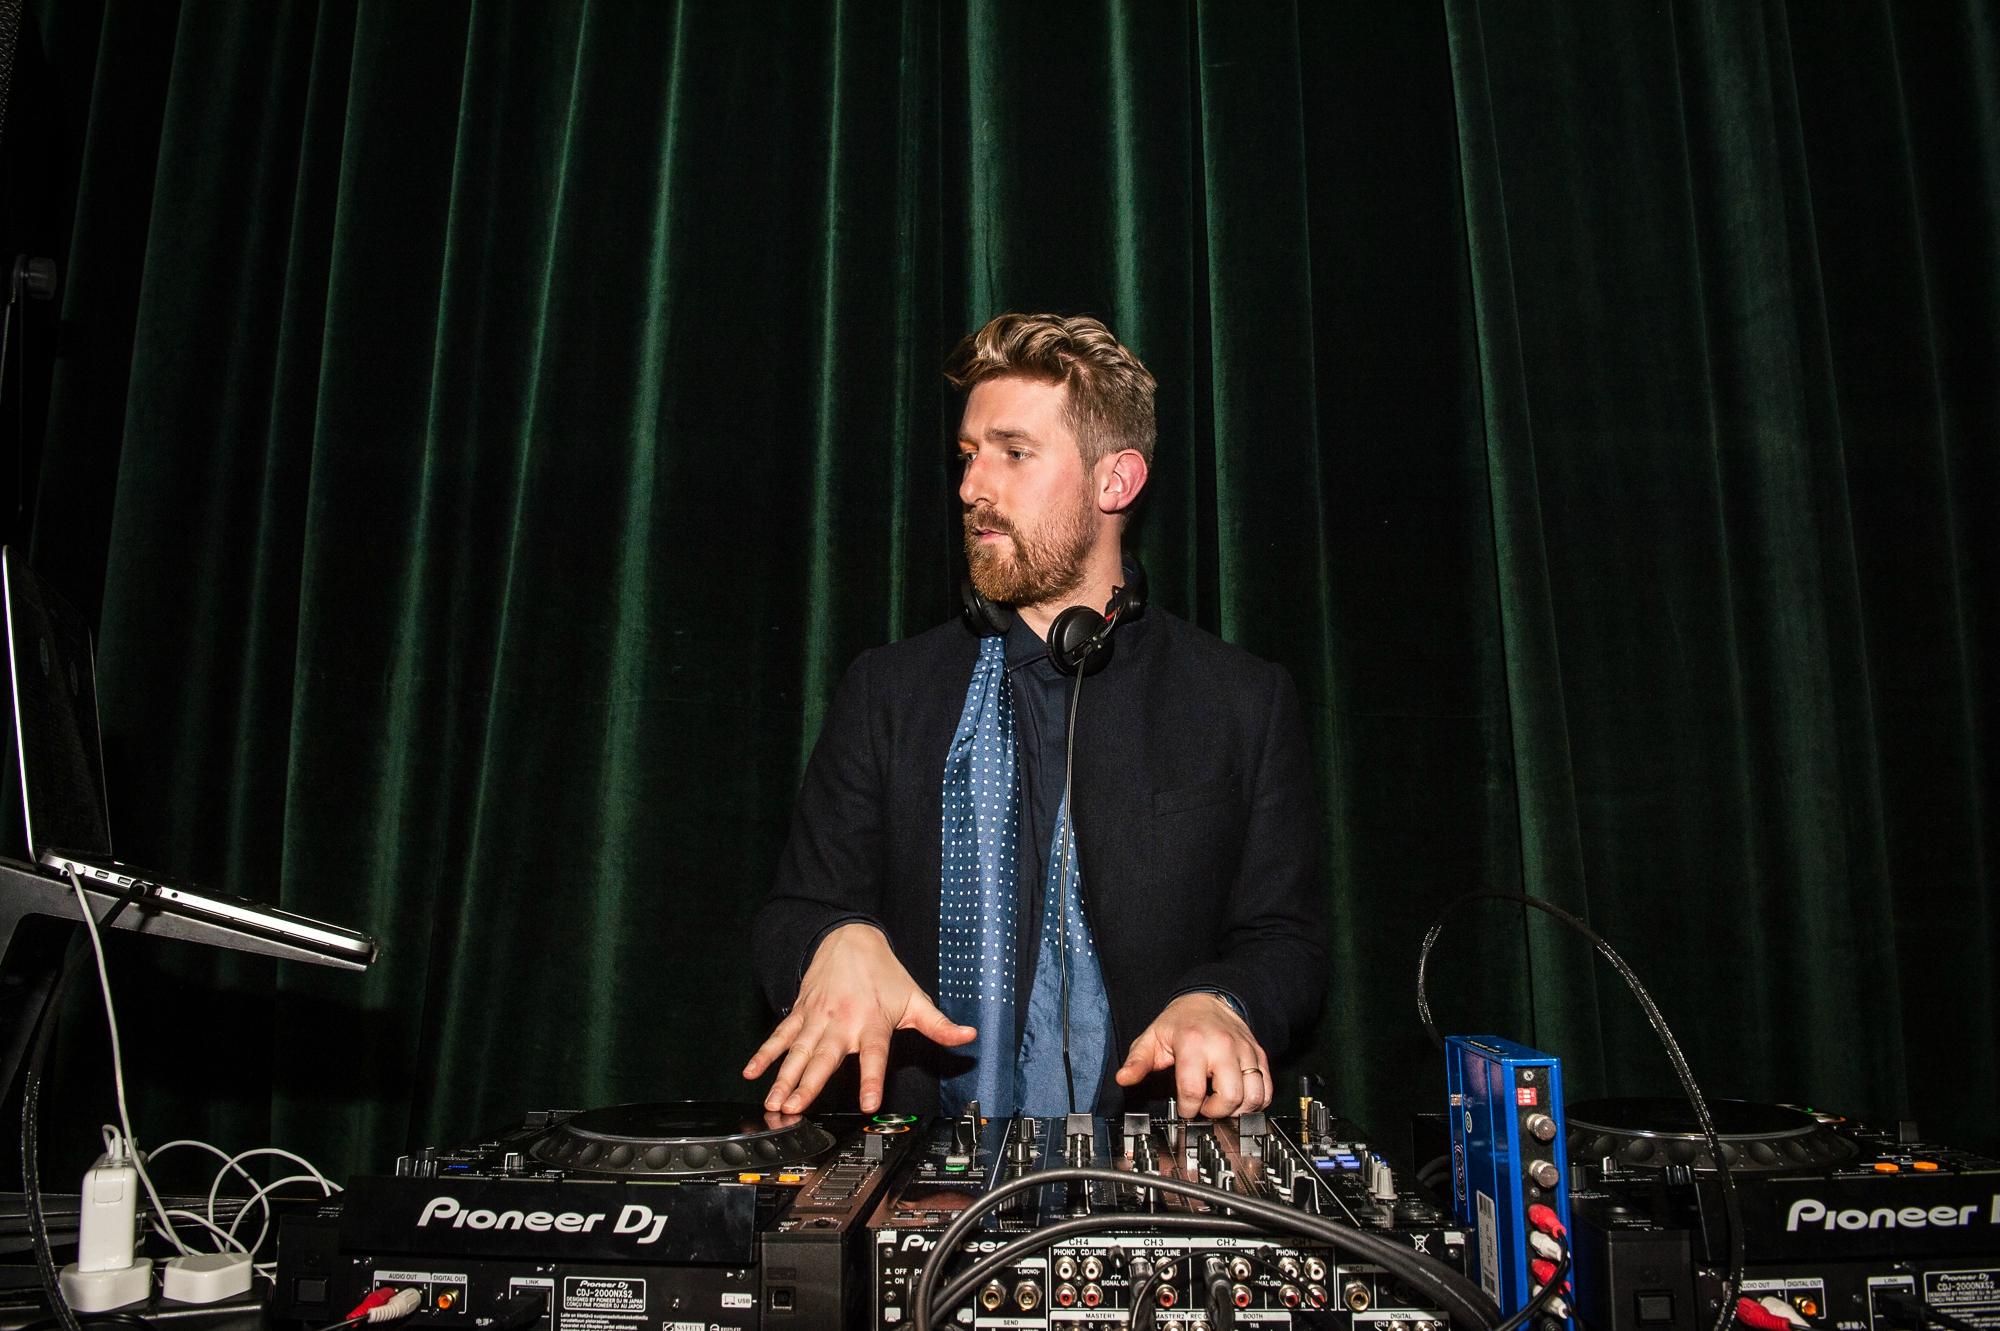 DJ Dan Browne at The BRIT Awards